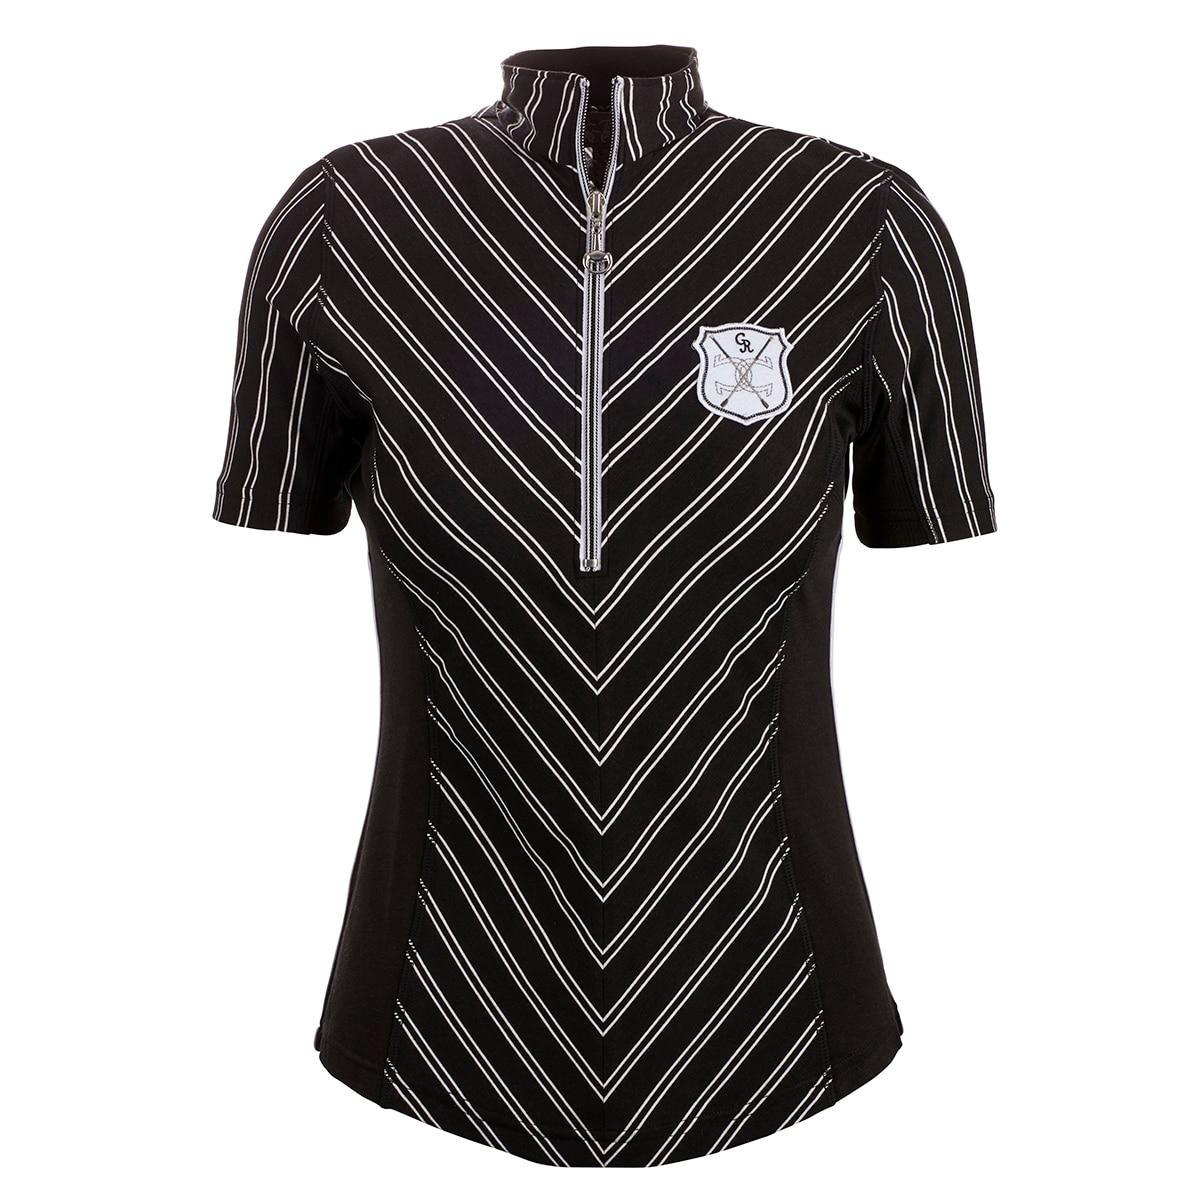 Goode Rider Ideal Show Shirt